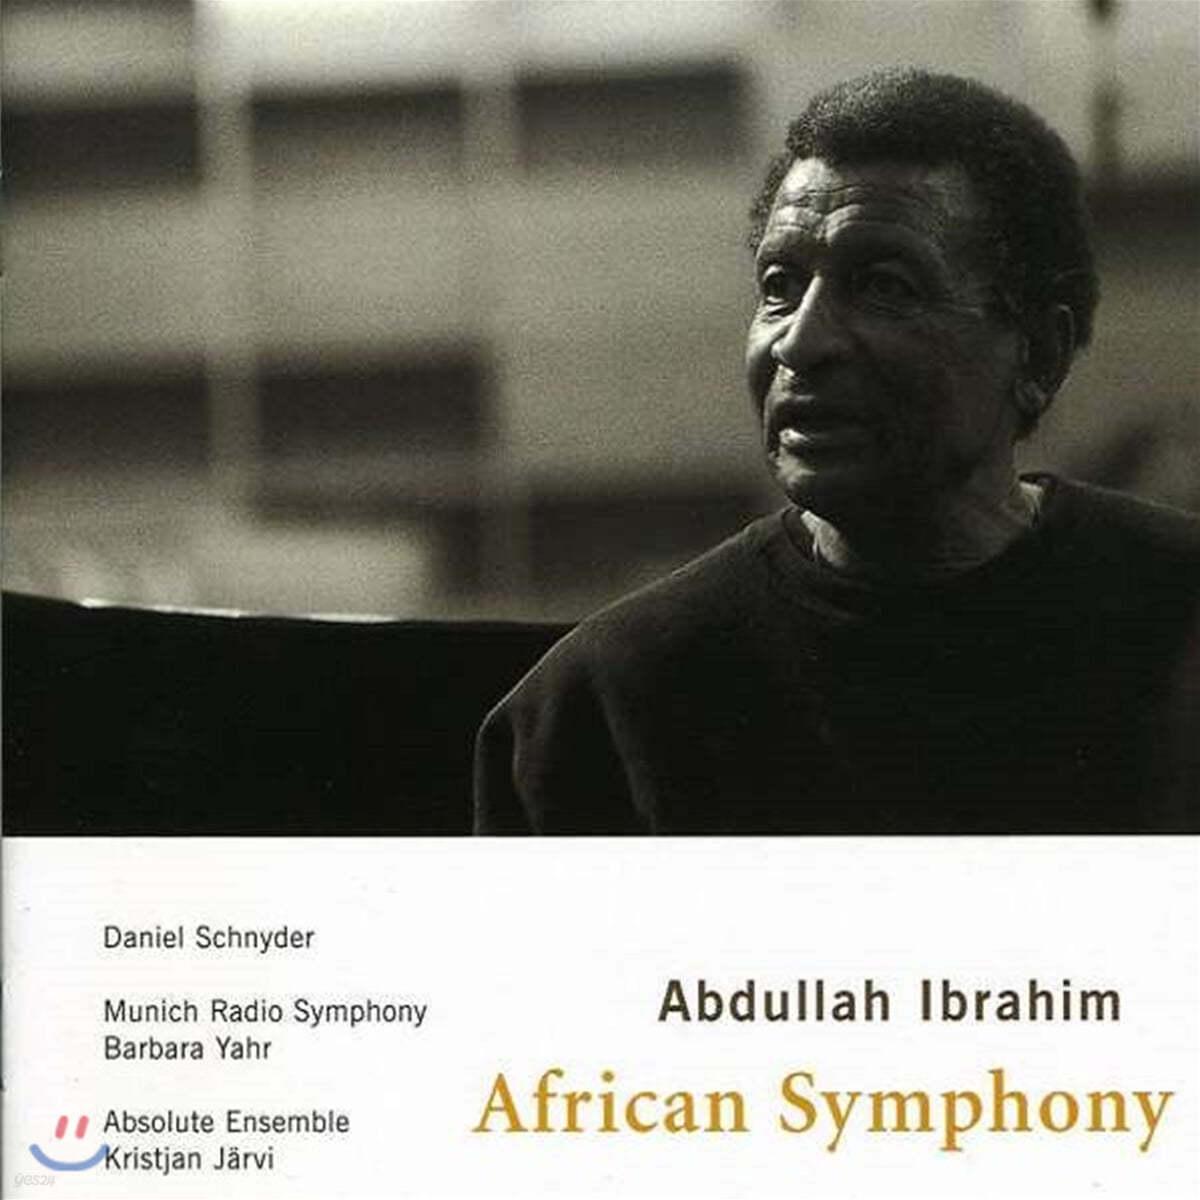 Abdullah Ibrahim (압둘라 이브라힘) - African Symphony